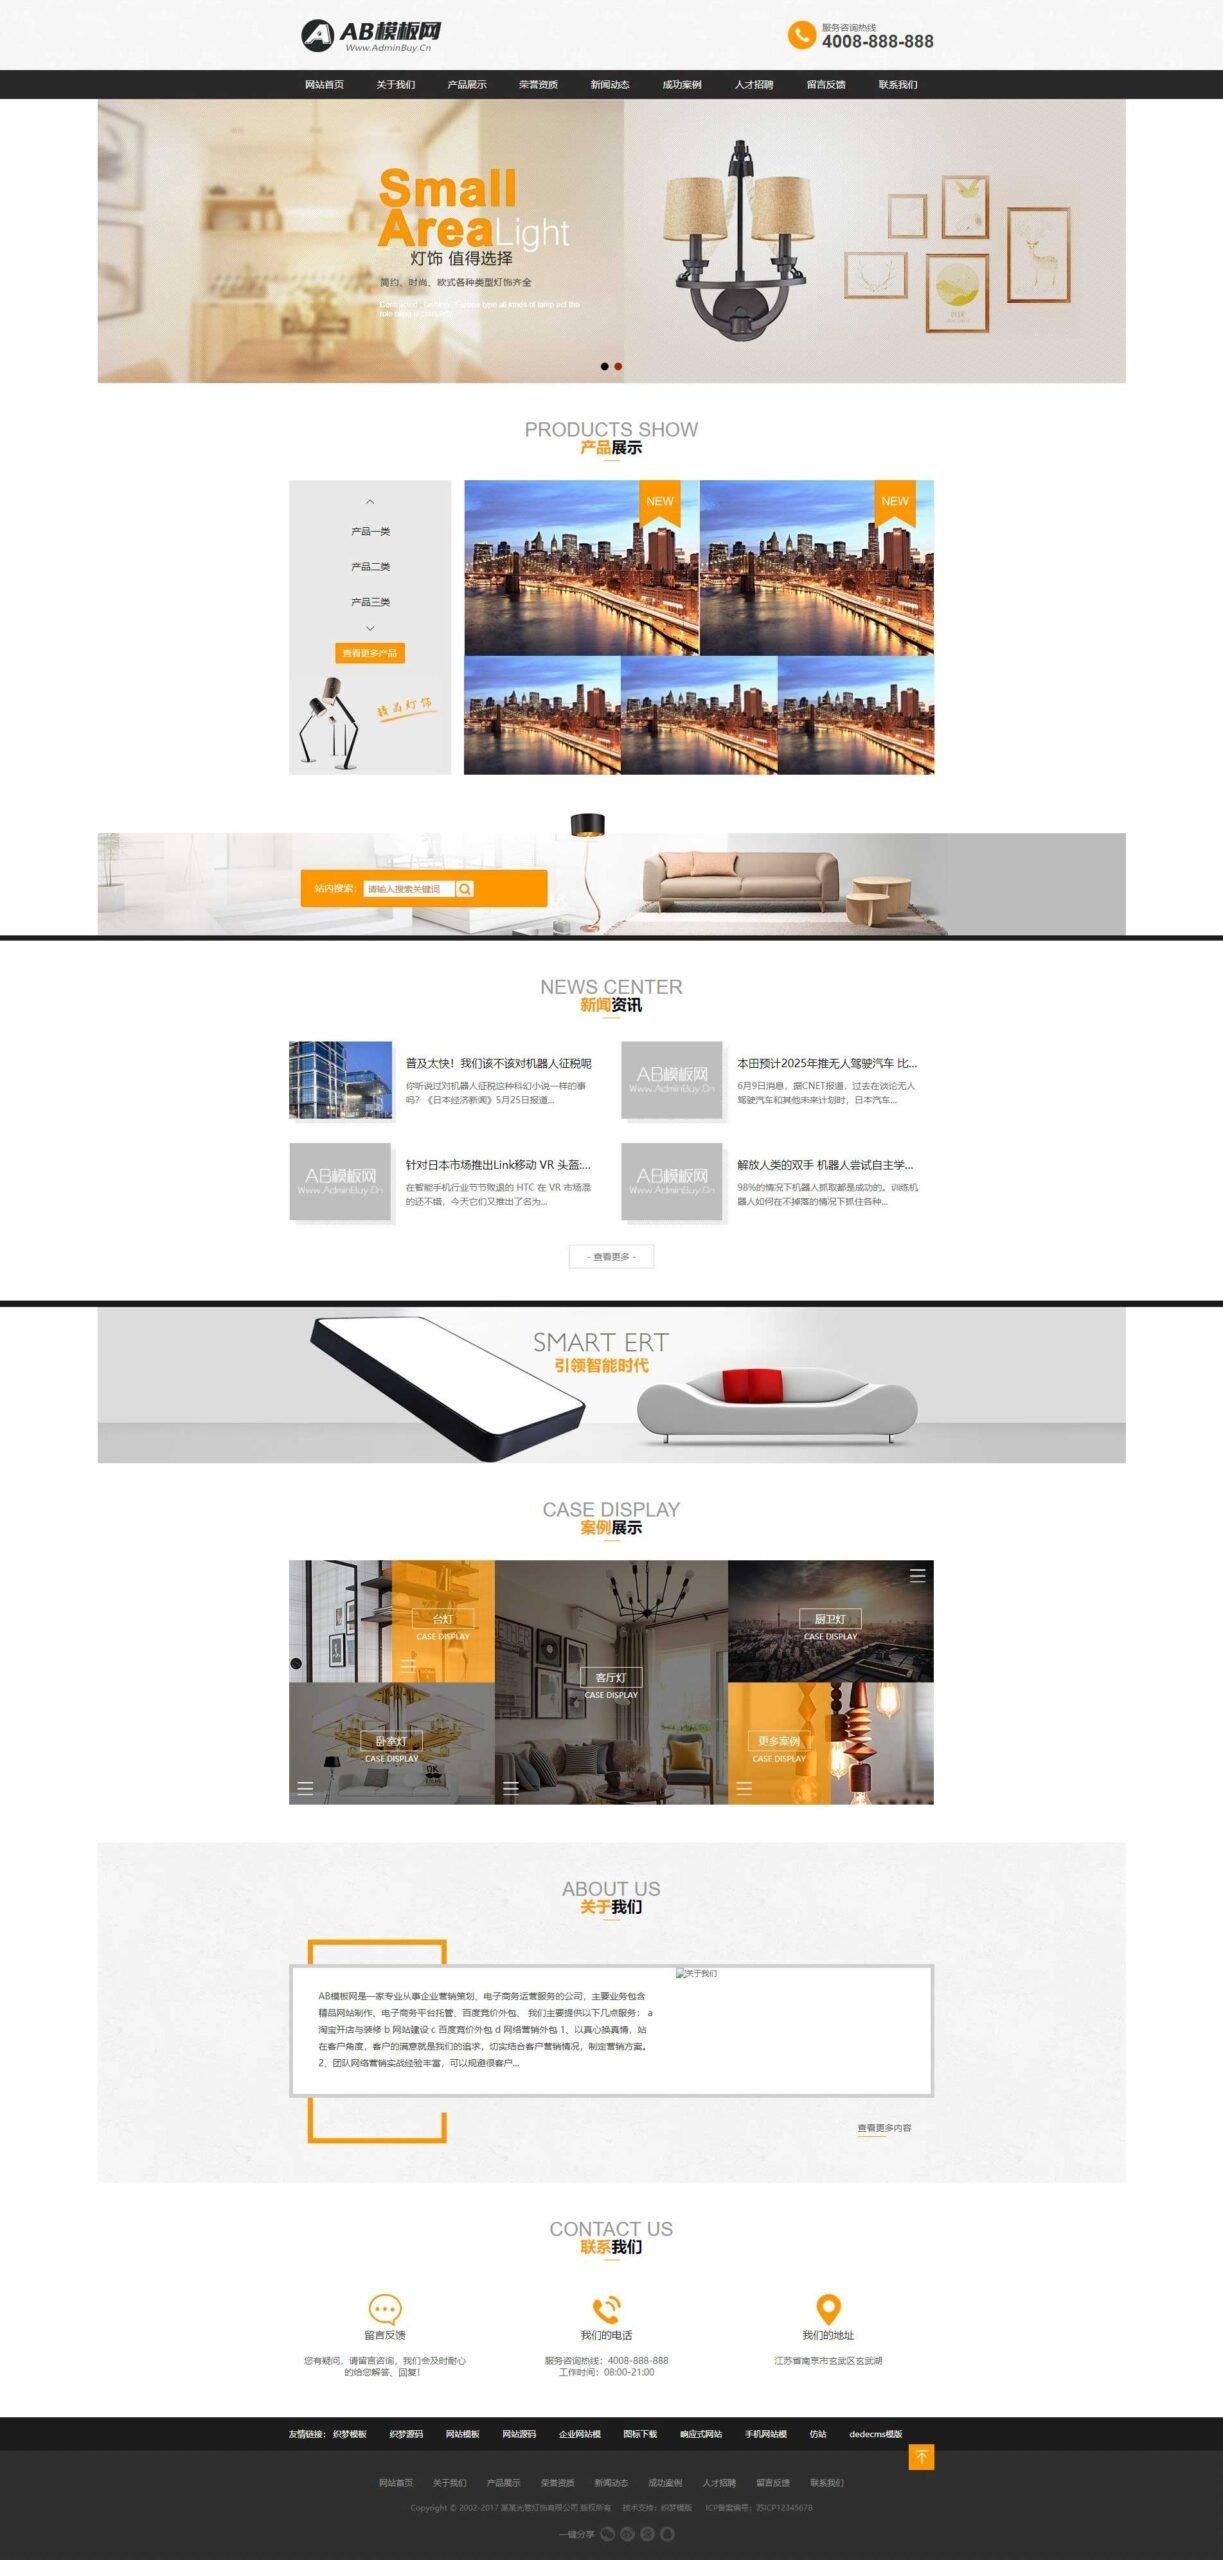 灯具家居企业网站织梦dede模板源码[带手机版数据同步]插图